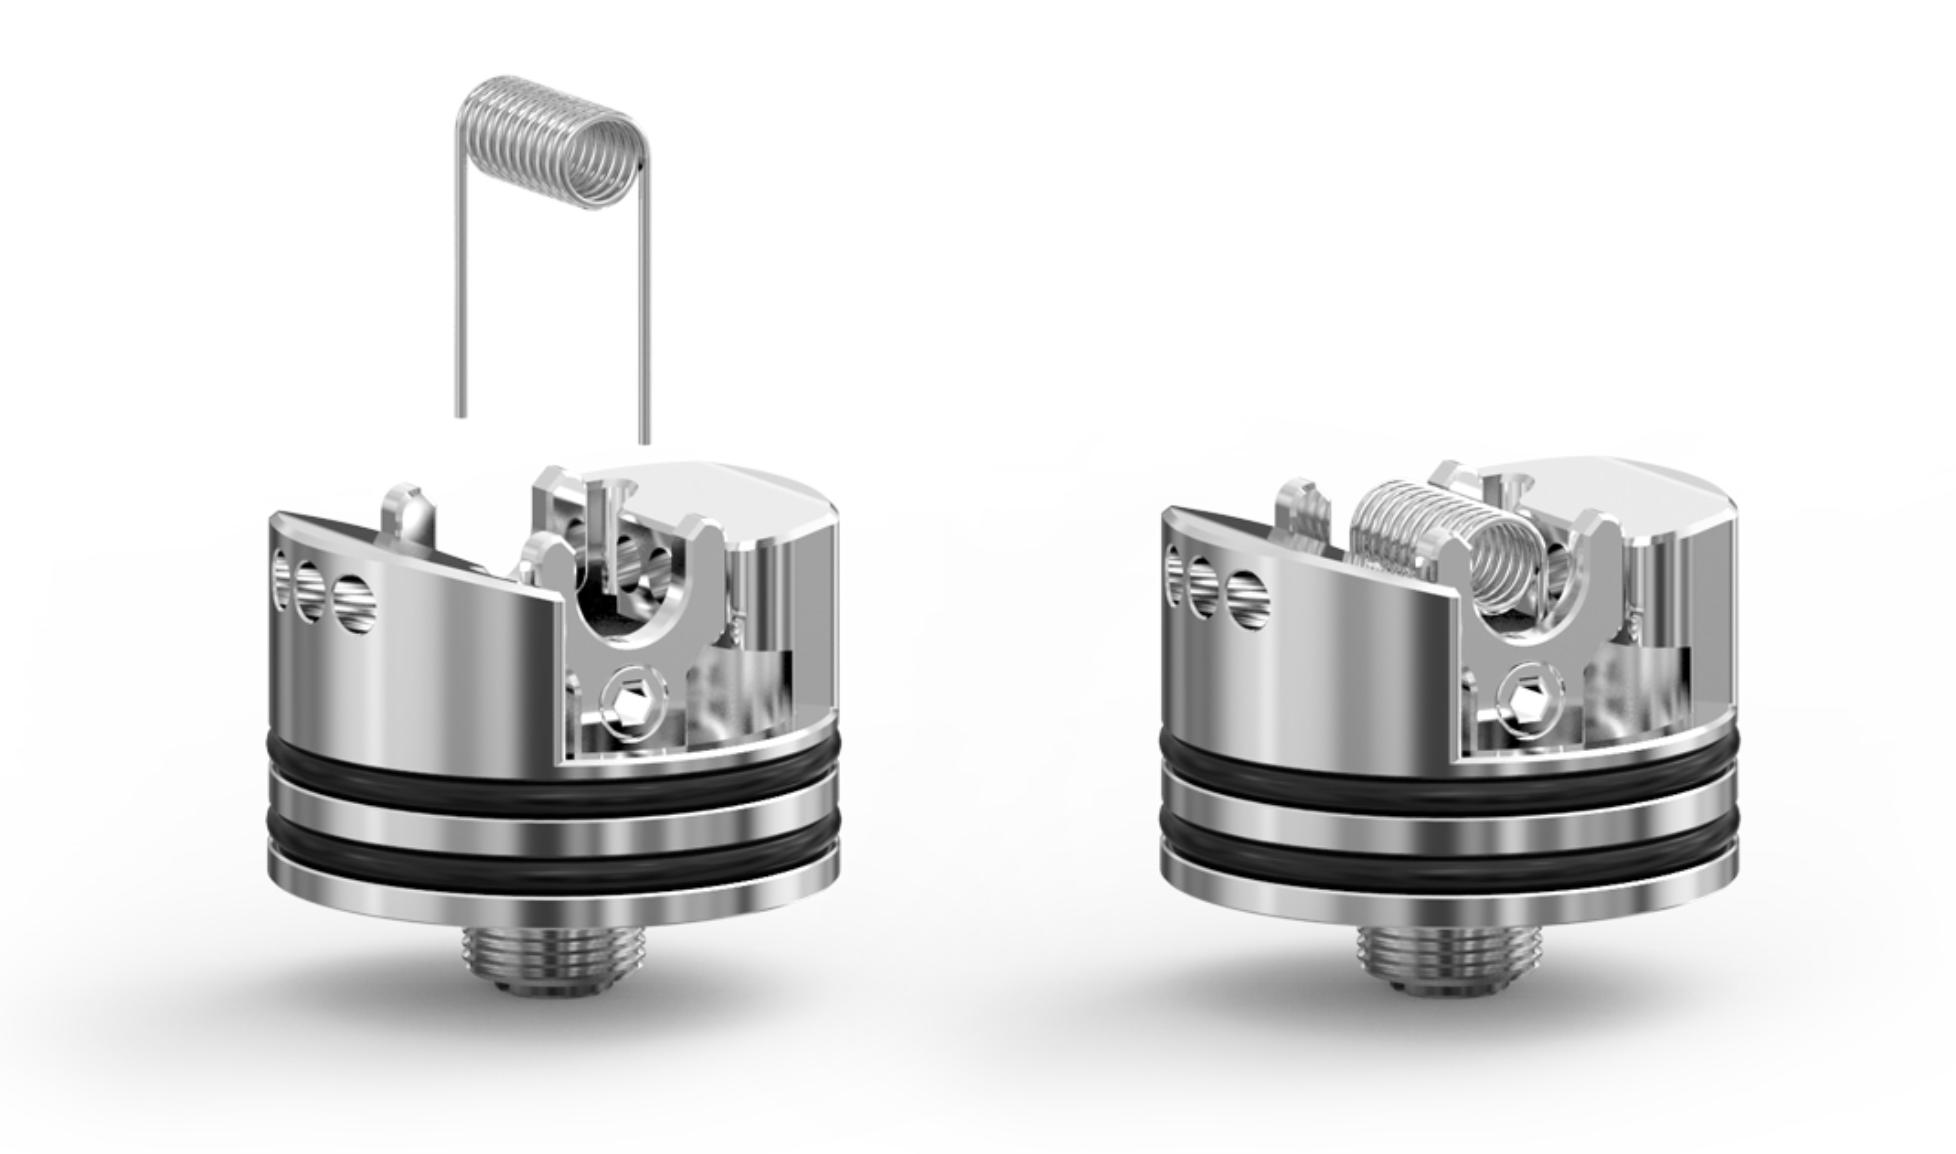 4b37bee2f1be2b10e010f5bb490a99a1 - 【レビュー】これぞ次世代ドリッパー、Ehpro 「Lock RDA 24mm」ゴツくてビルドも超簡単!!